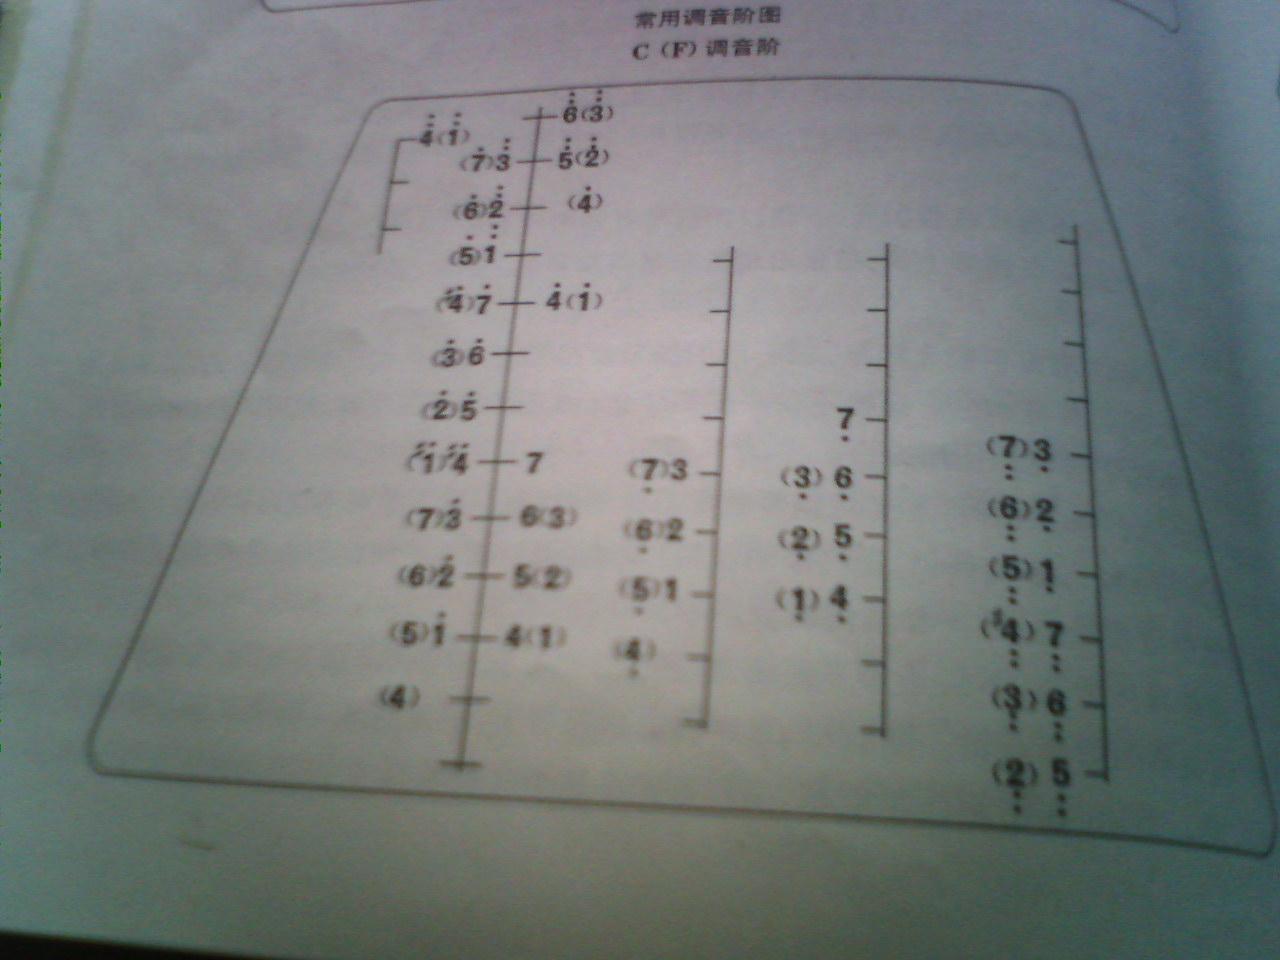 扬琴音位排列表图片